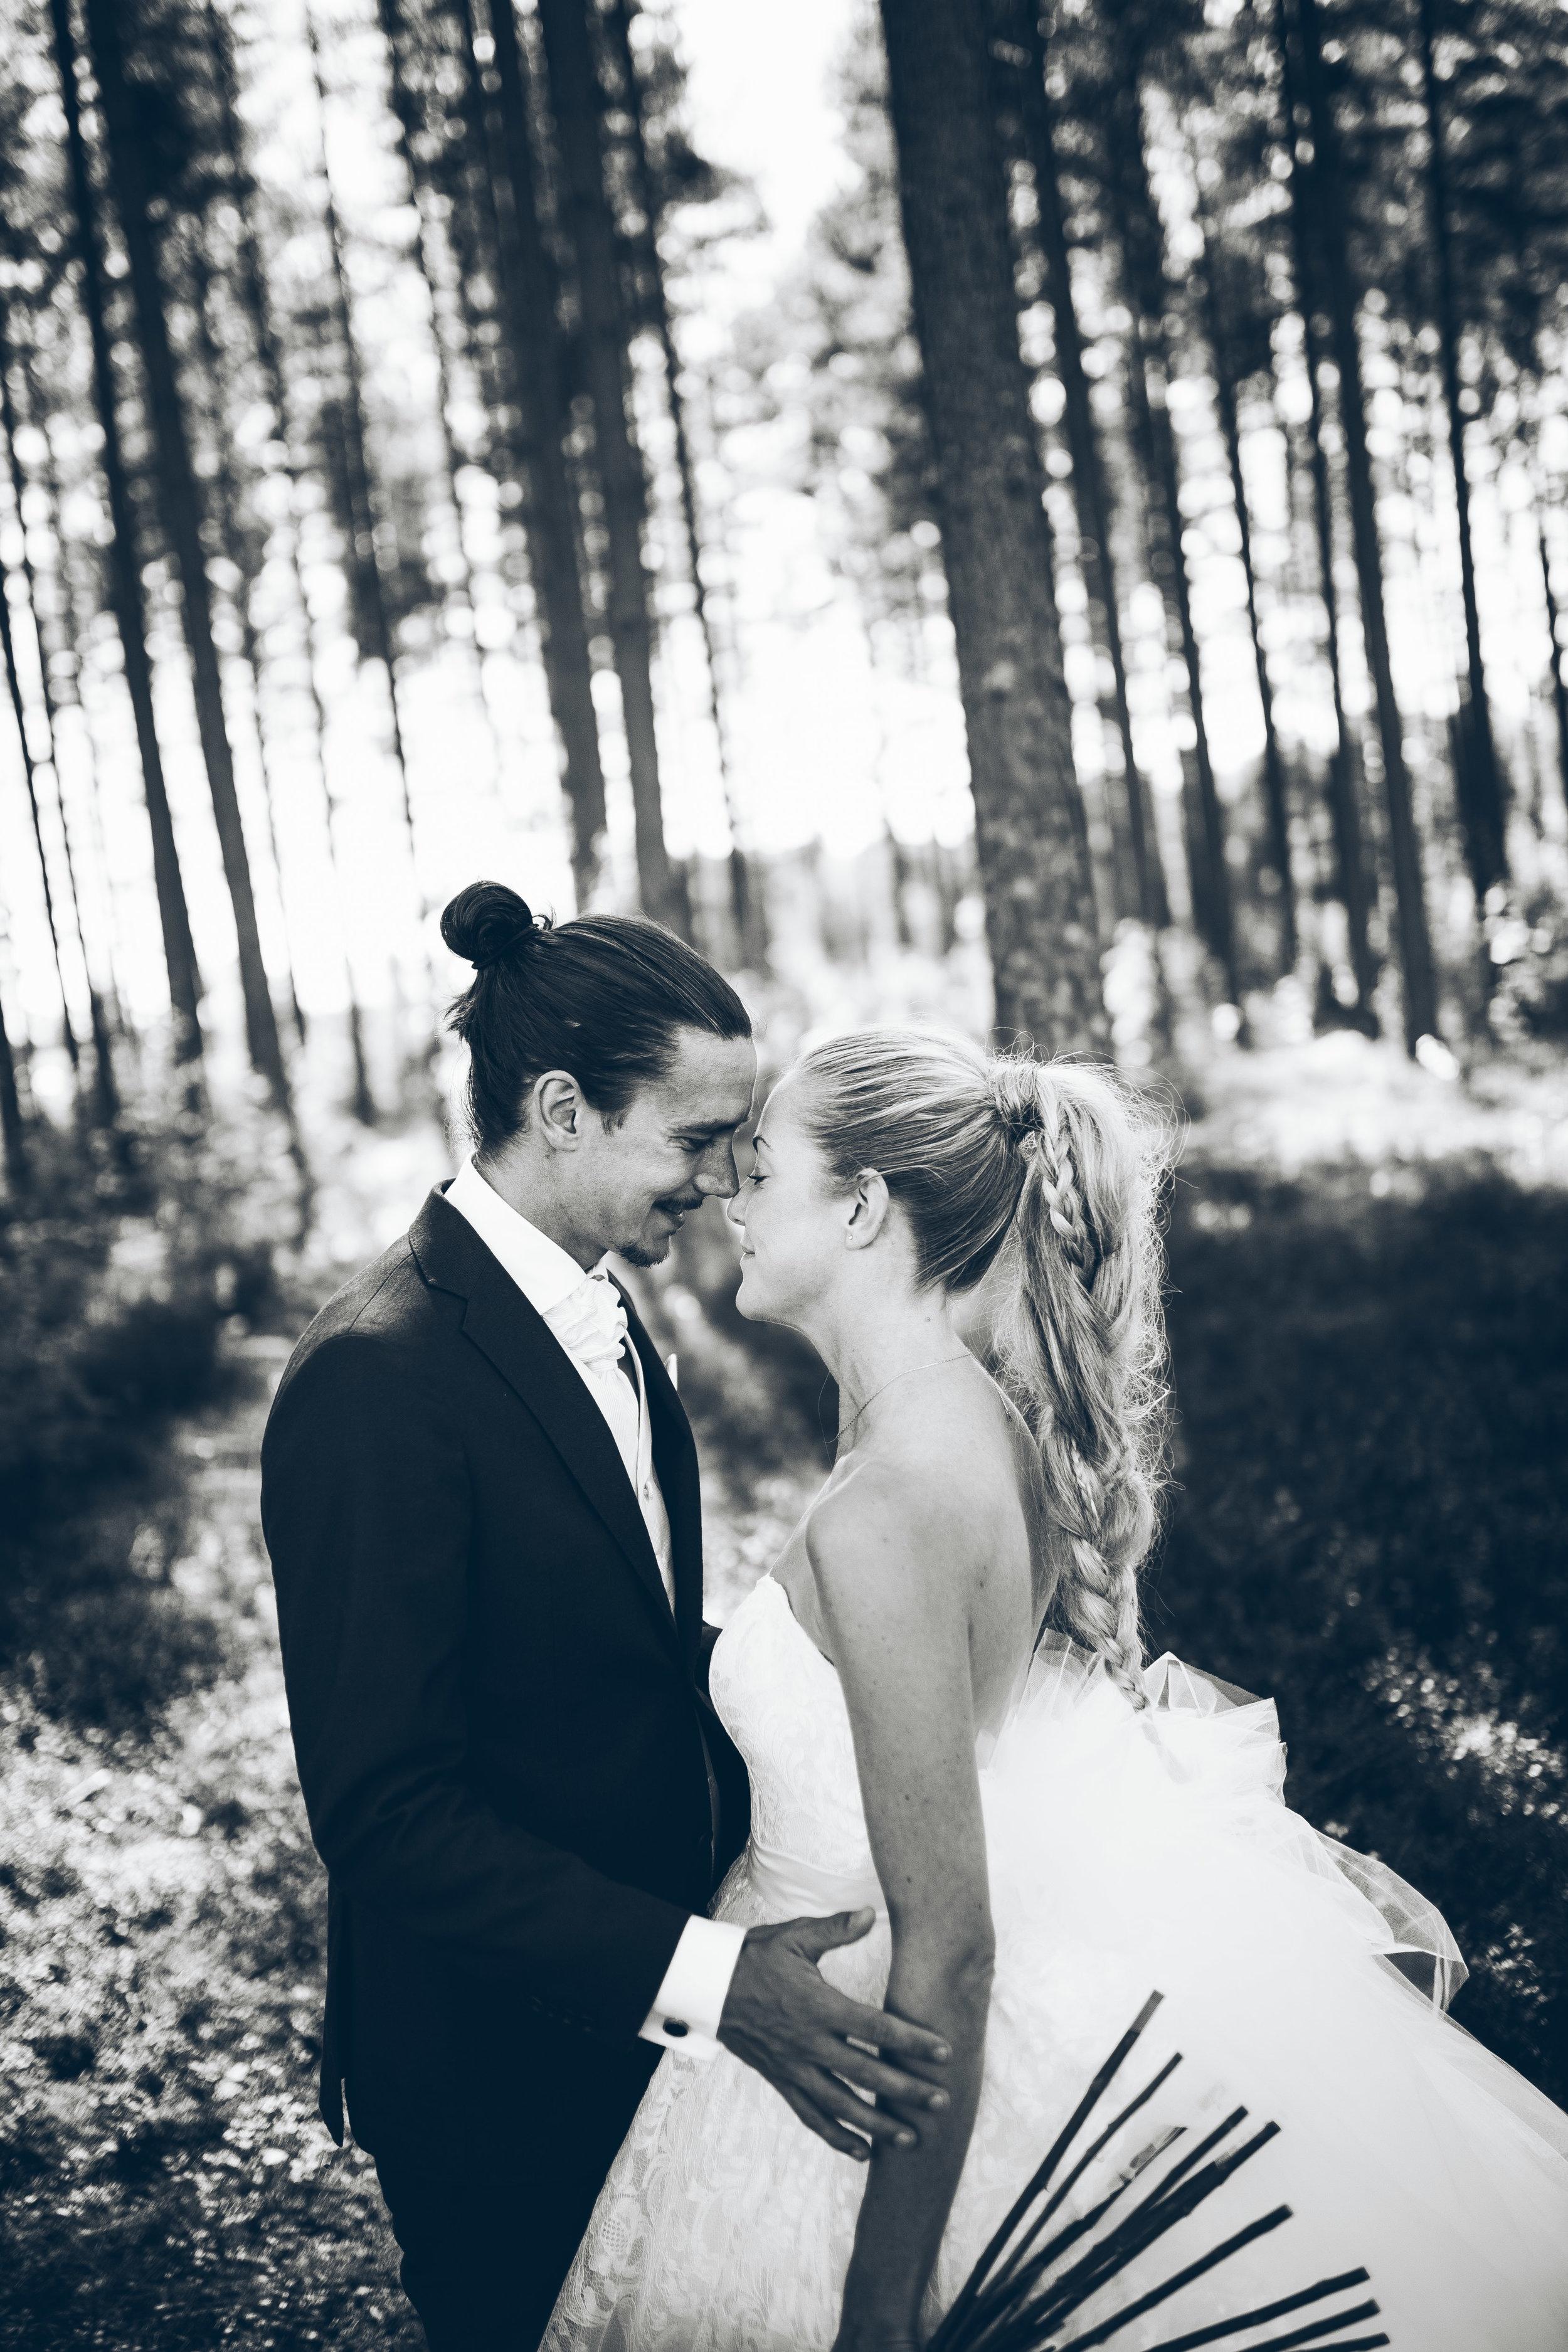 Karin&Filip160827-8-2.jpg